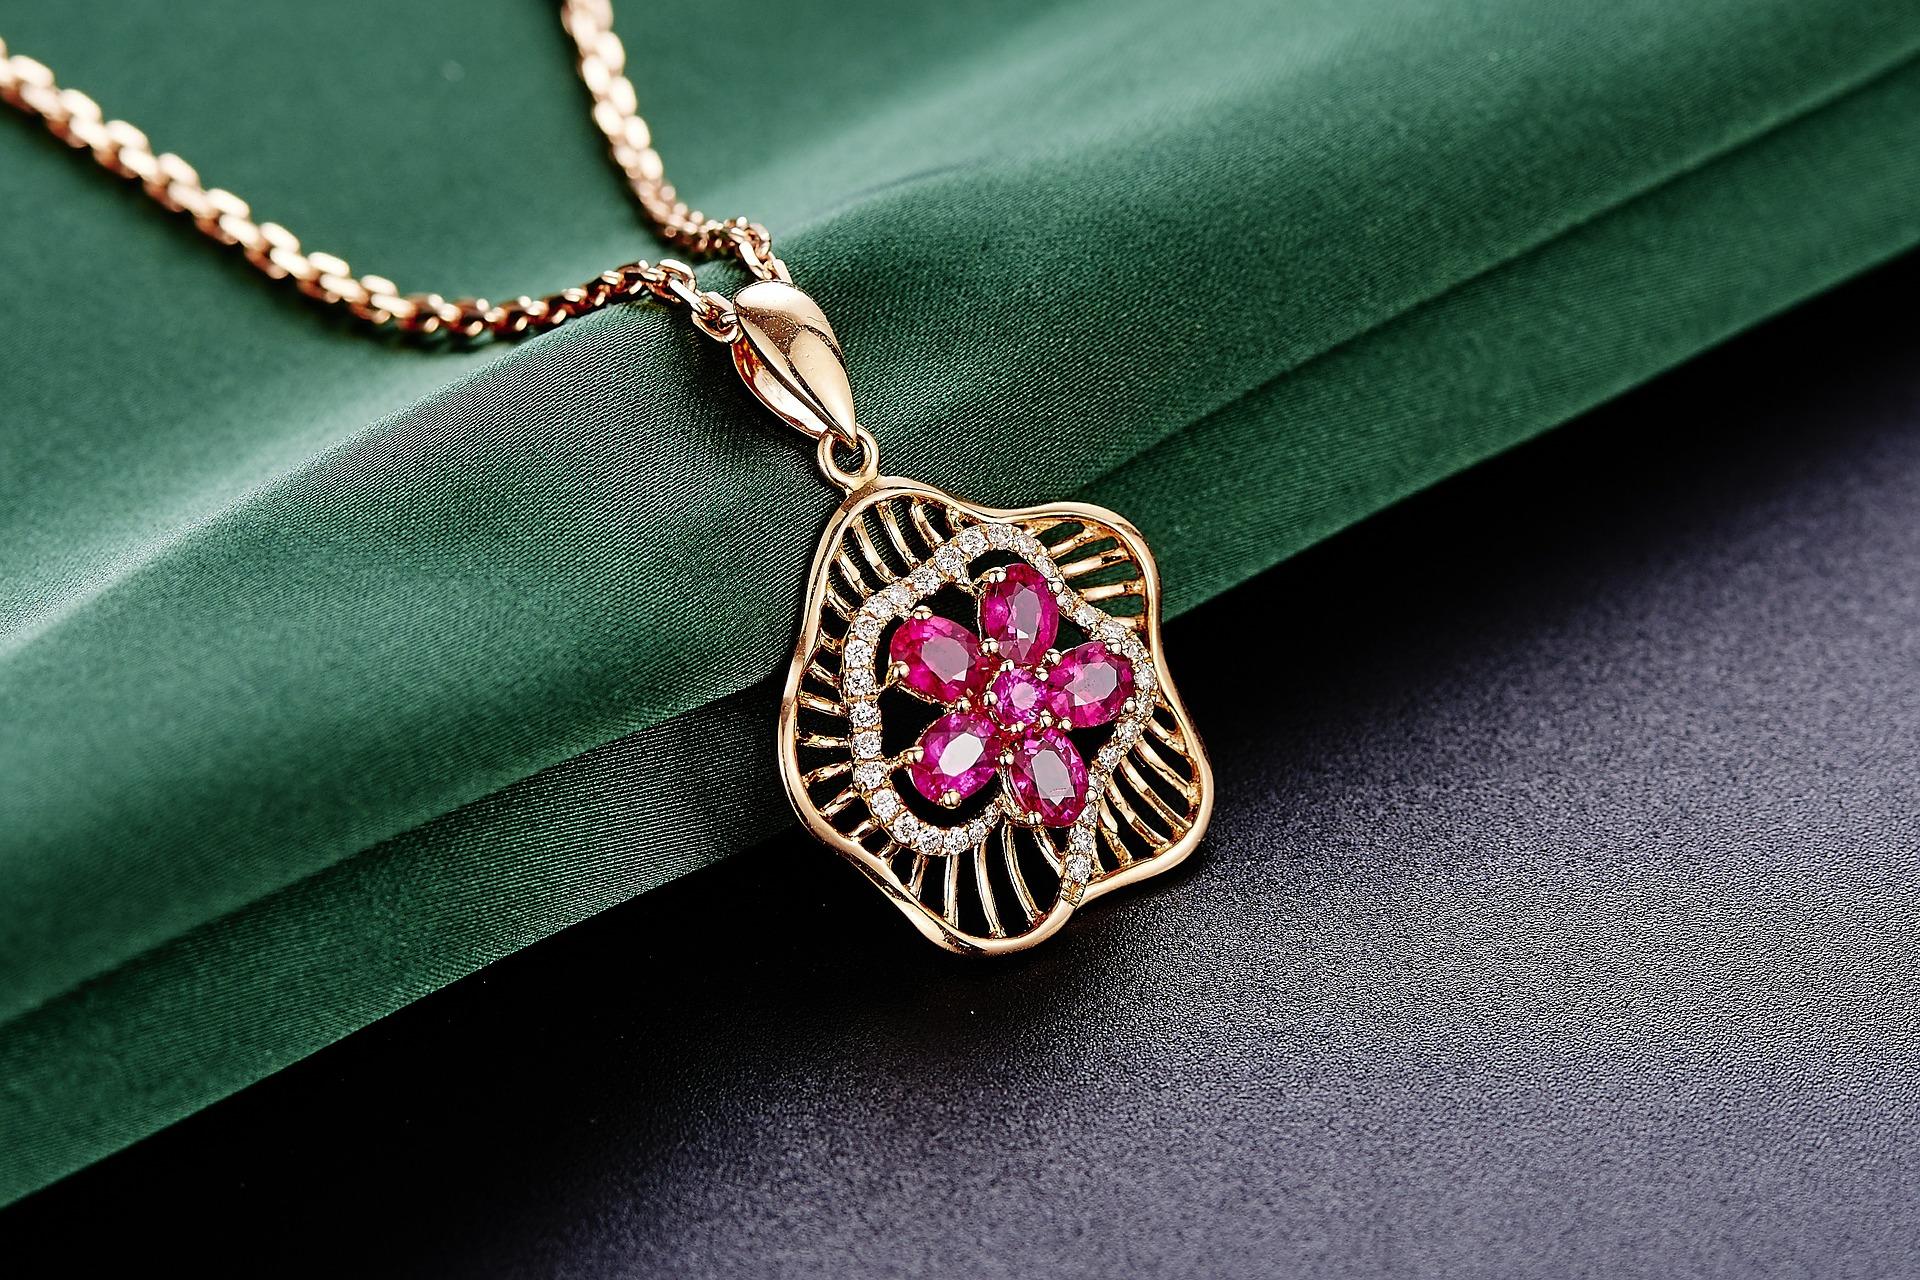 jewelry-625722_1920.jpg